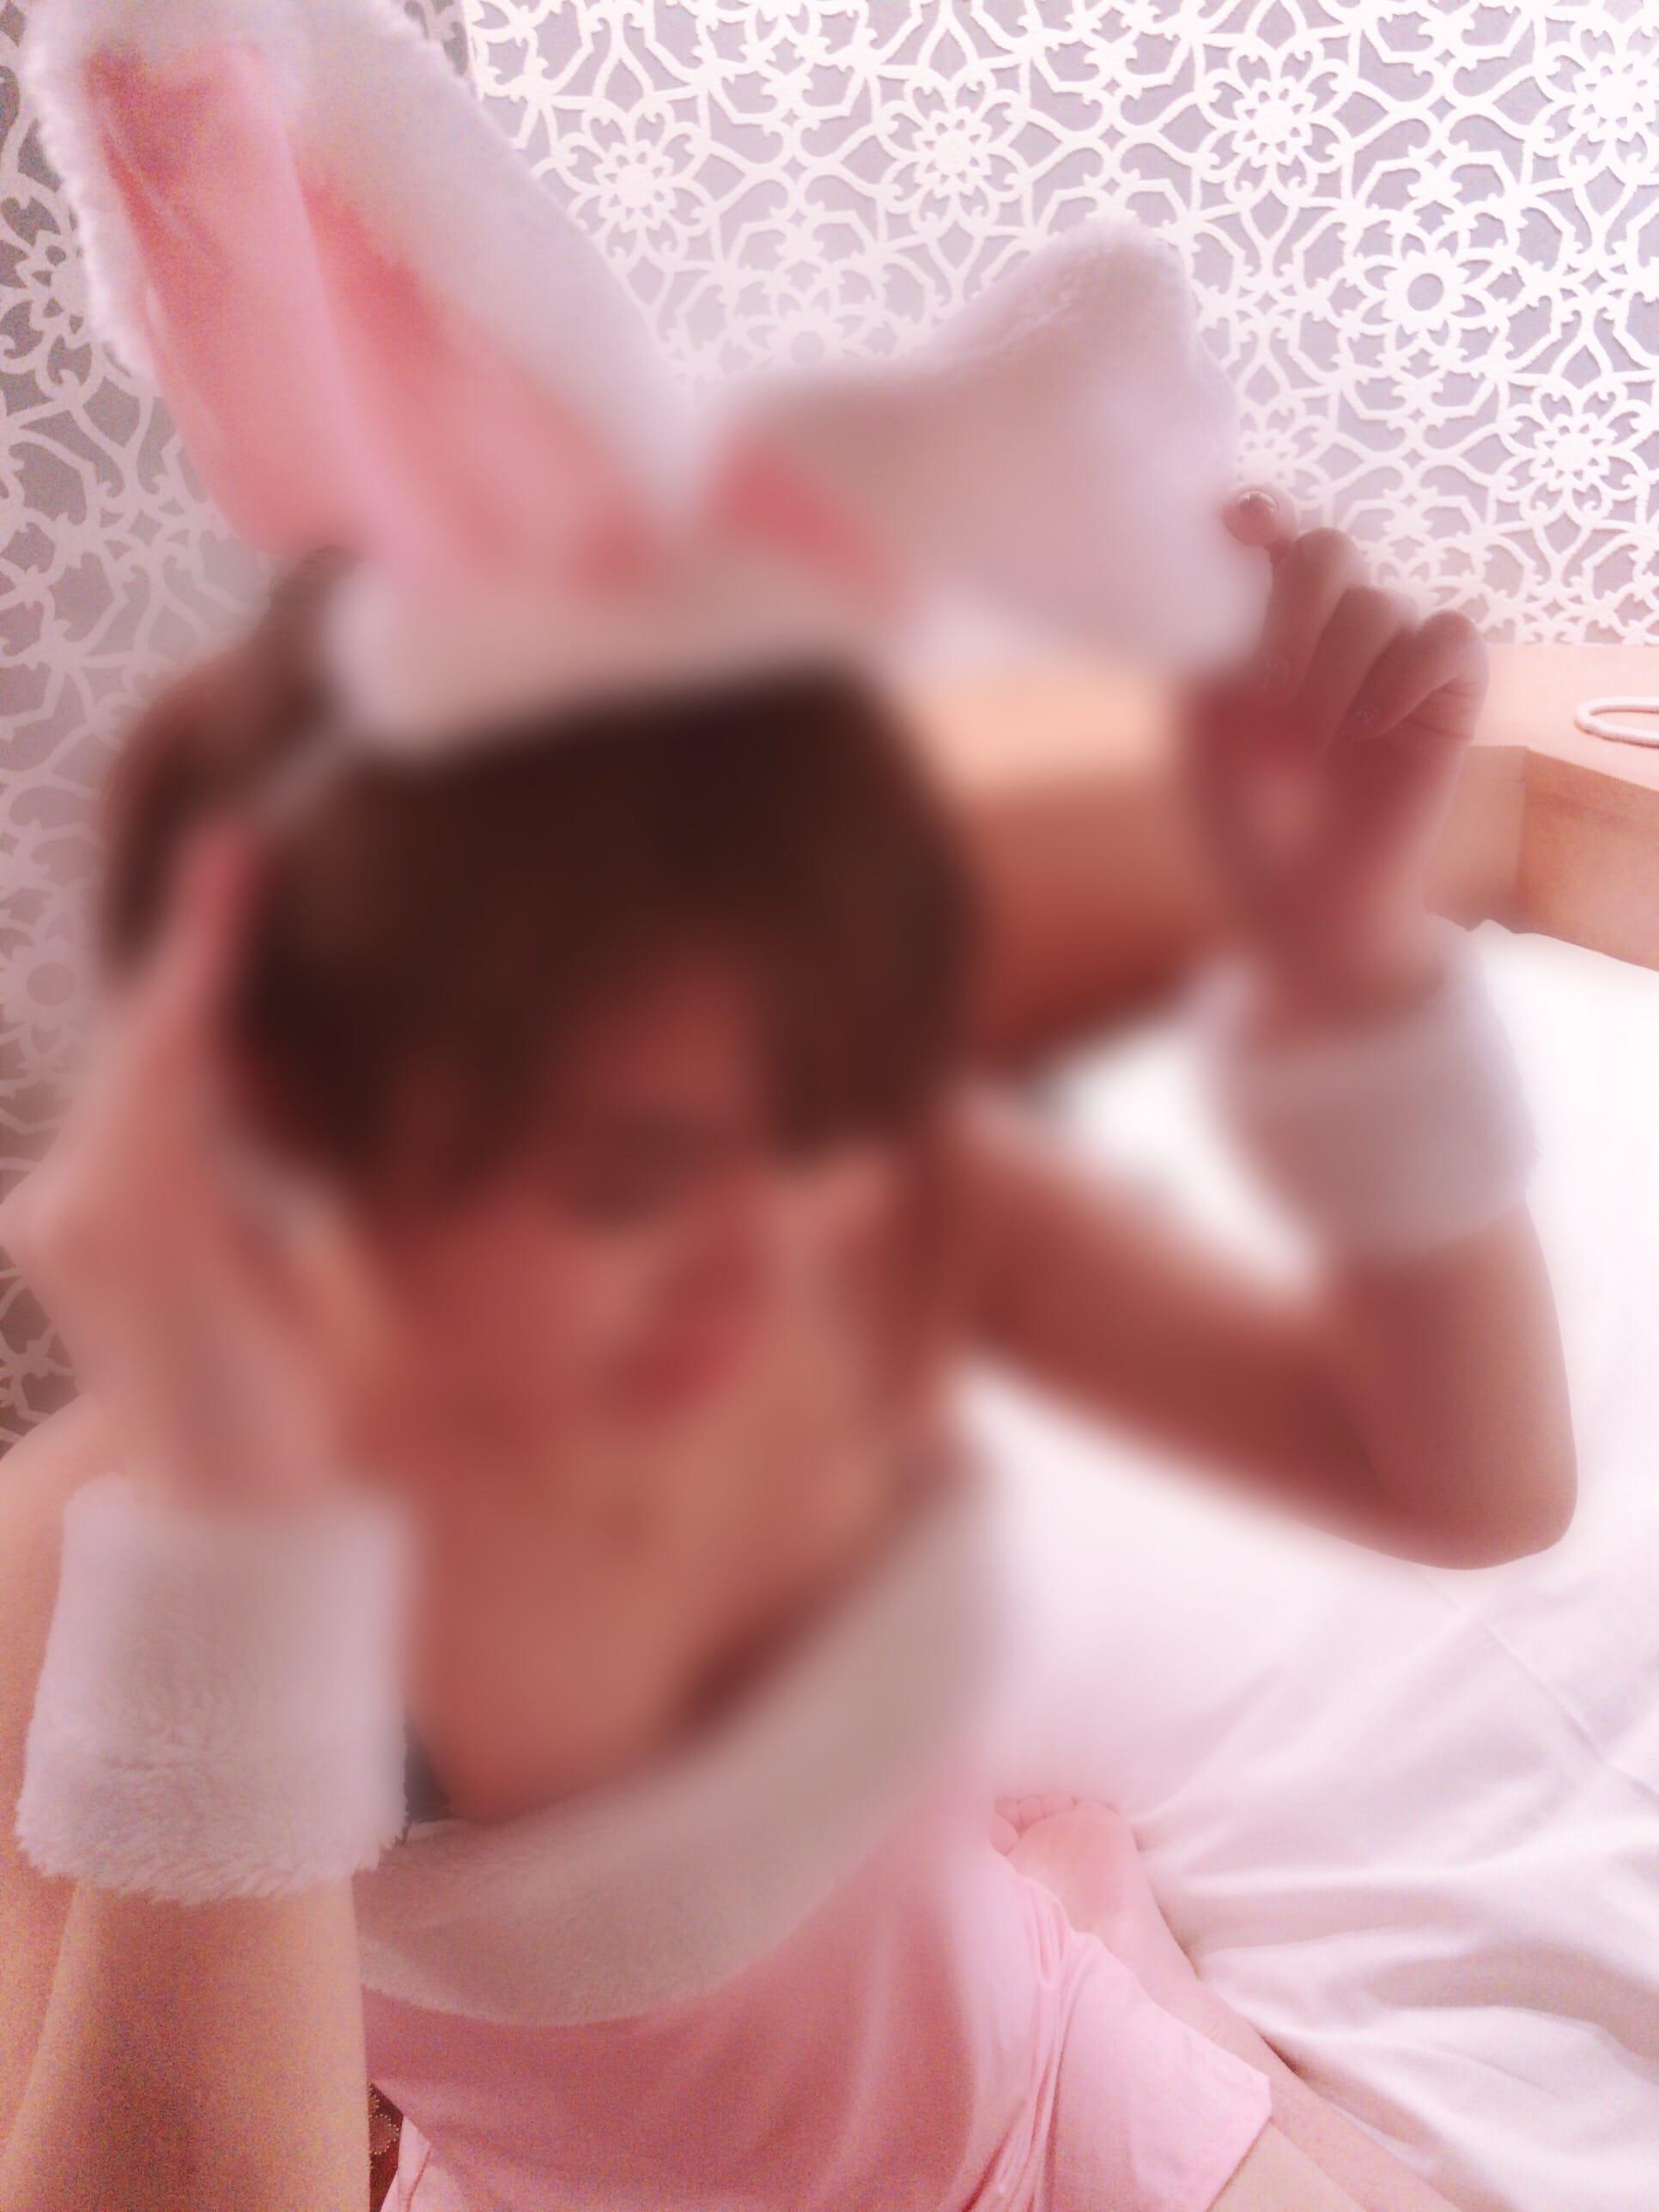 「おしまいです☆」01/31(01/31) 23:50 | ゆず-yuzu-の写メ・風俗動画